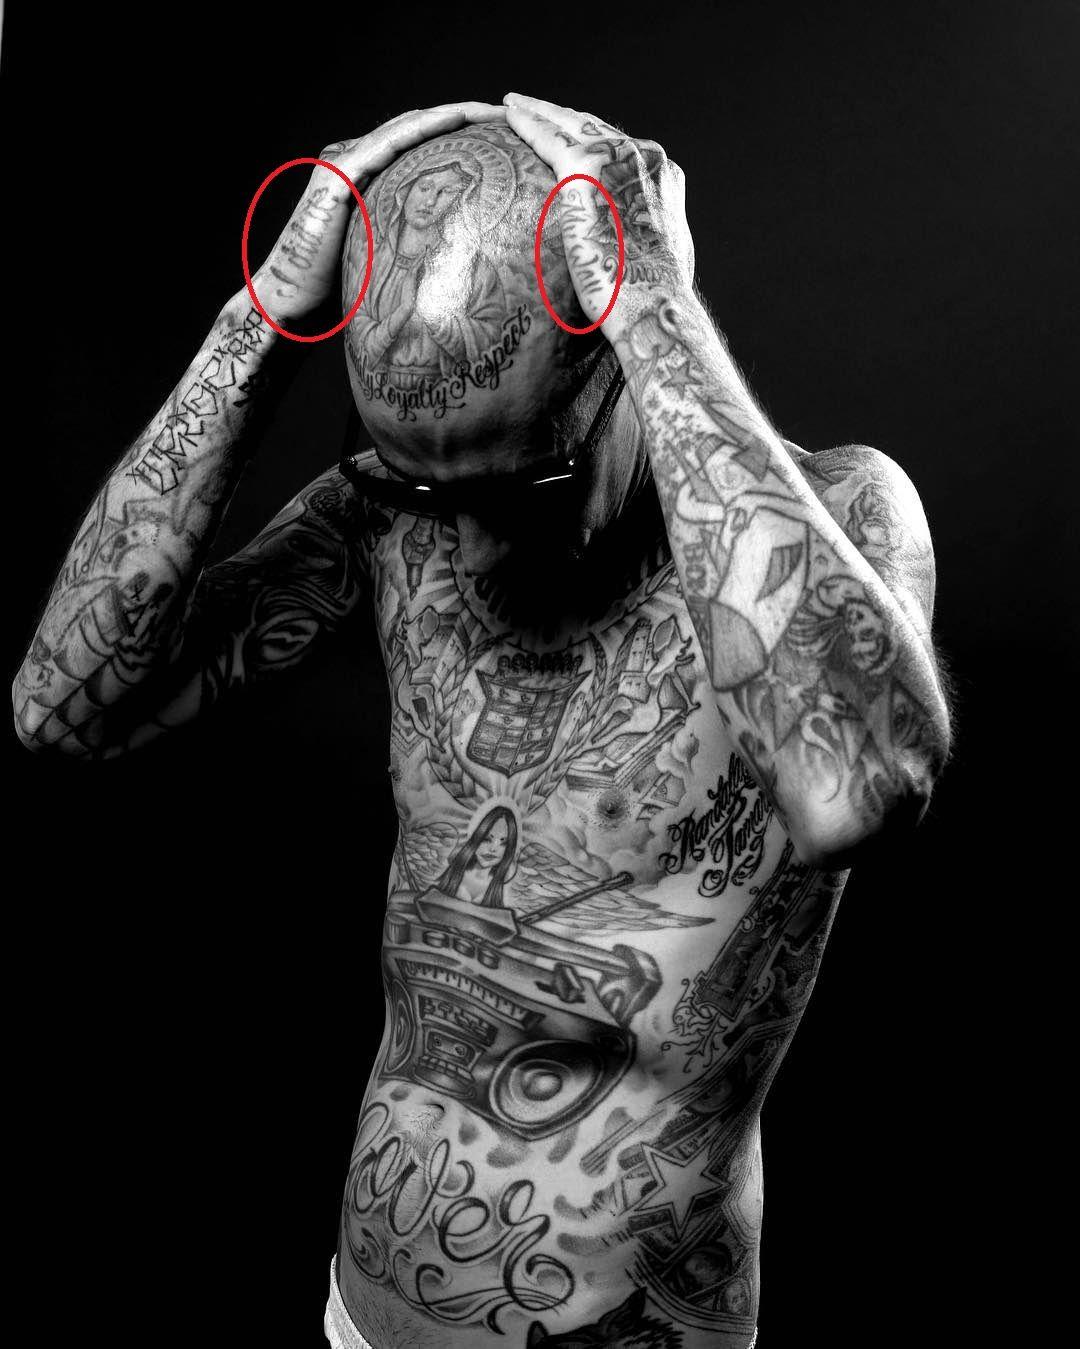 travis barker-i did it my way tattoo